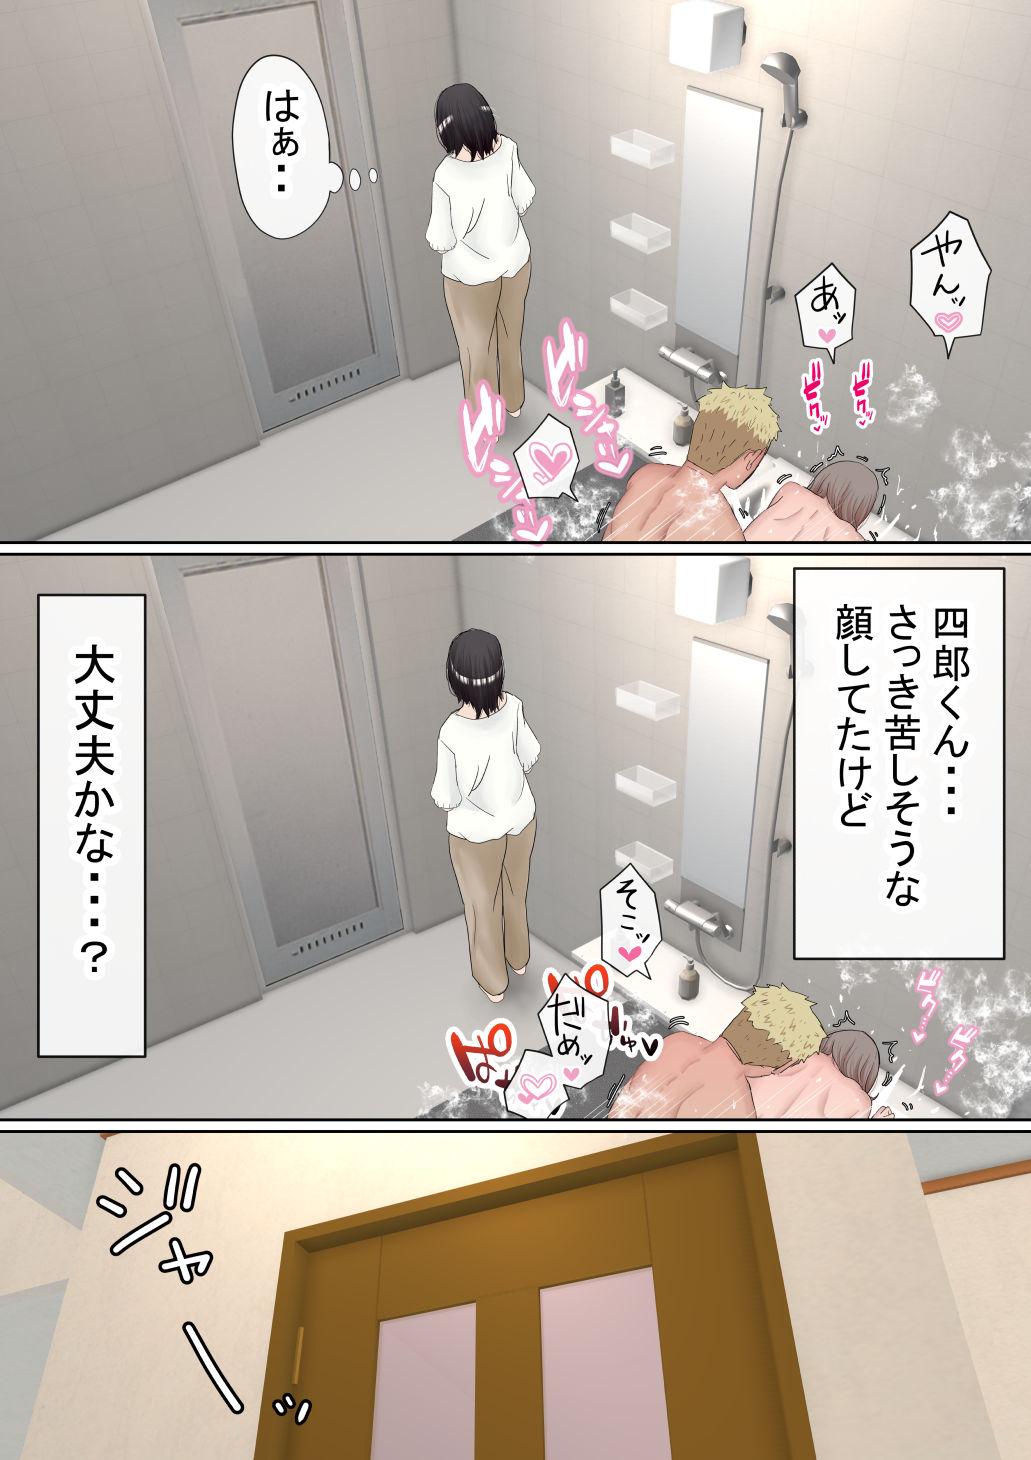 オレの巨乳彼女が、ヤリチンとお風呂に入ることにNTR2